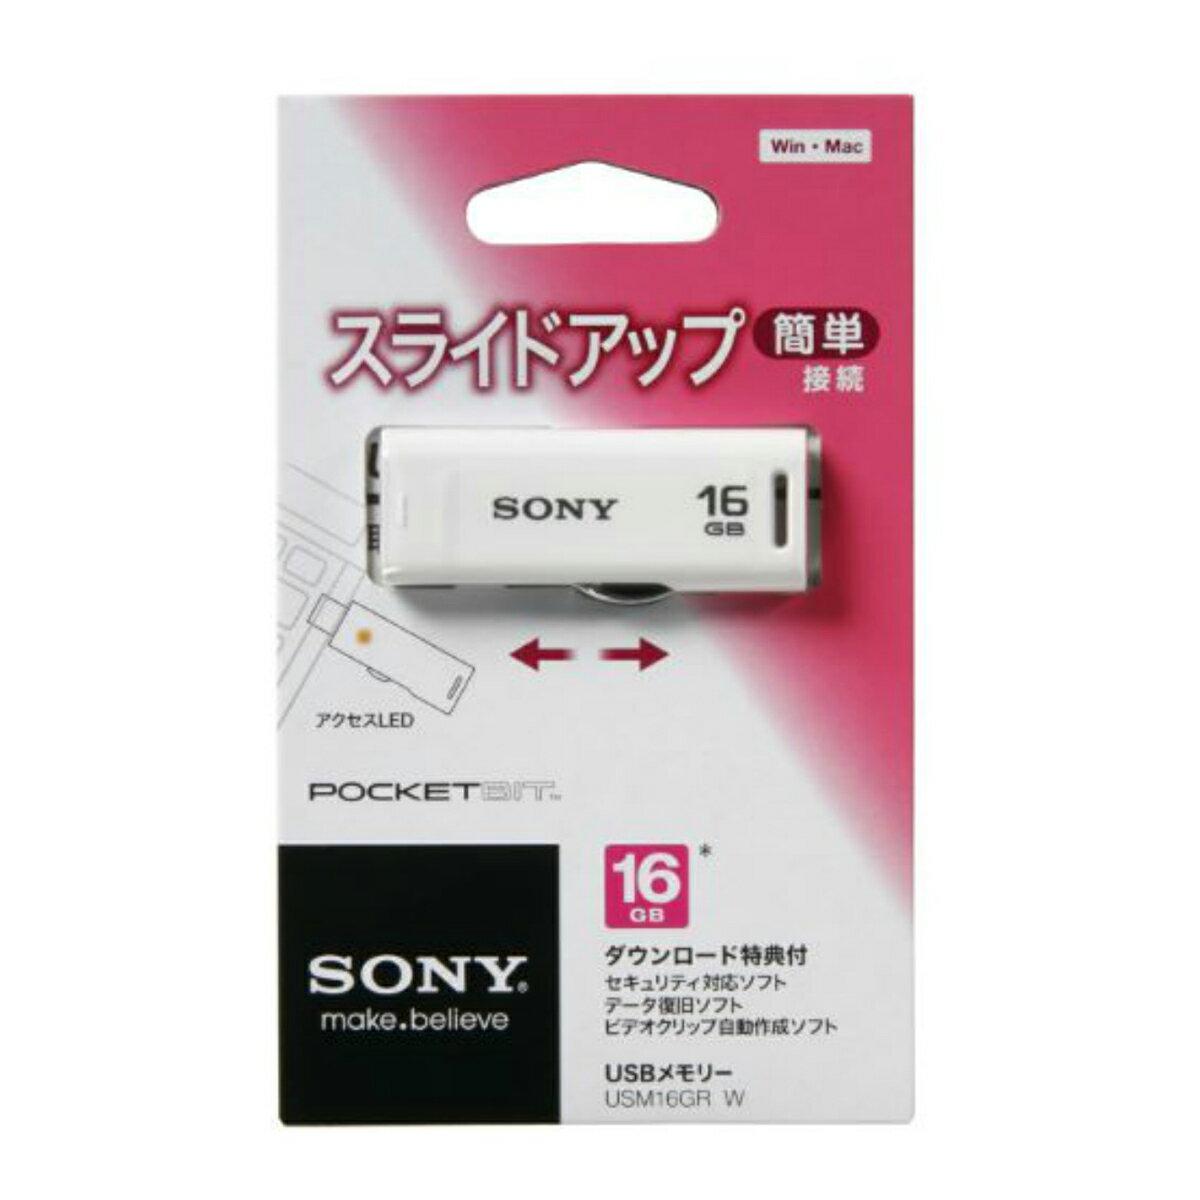 【送料無料・まとめ買い×10】SONY USM16GR W ソニー USBメモリー 16ギガ …